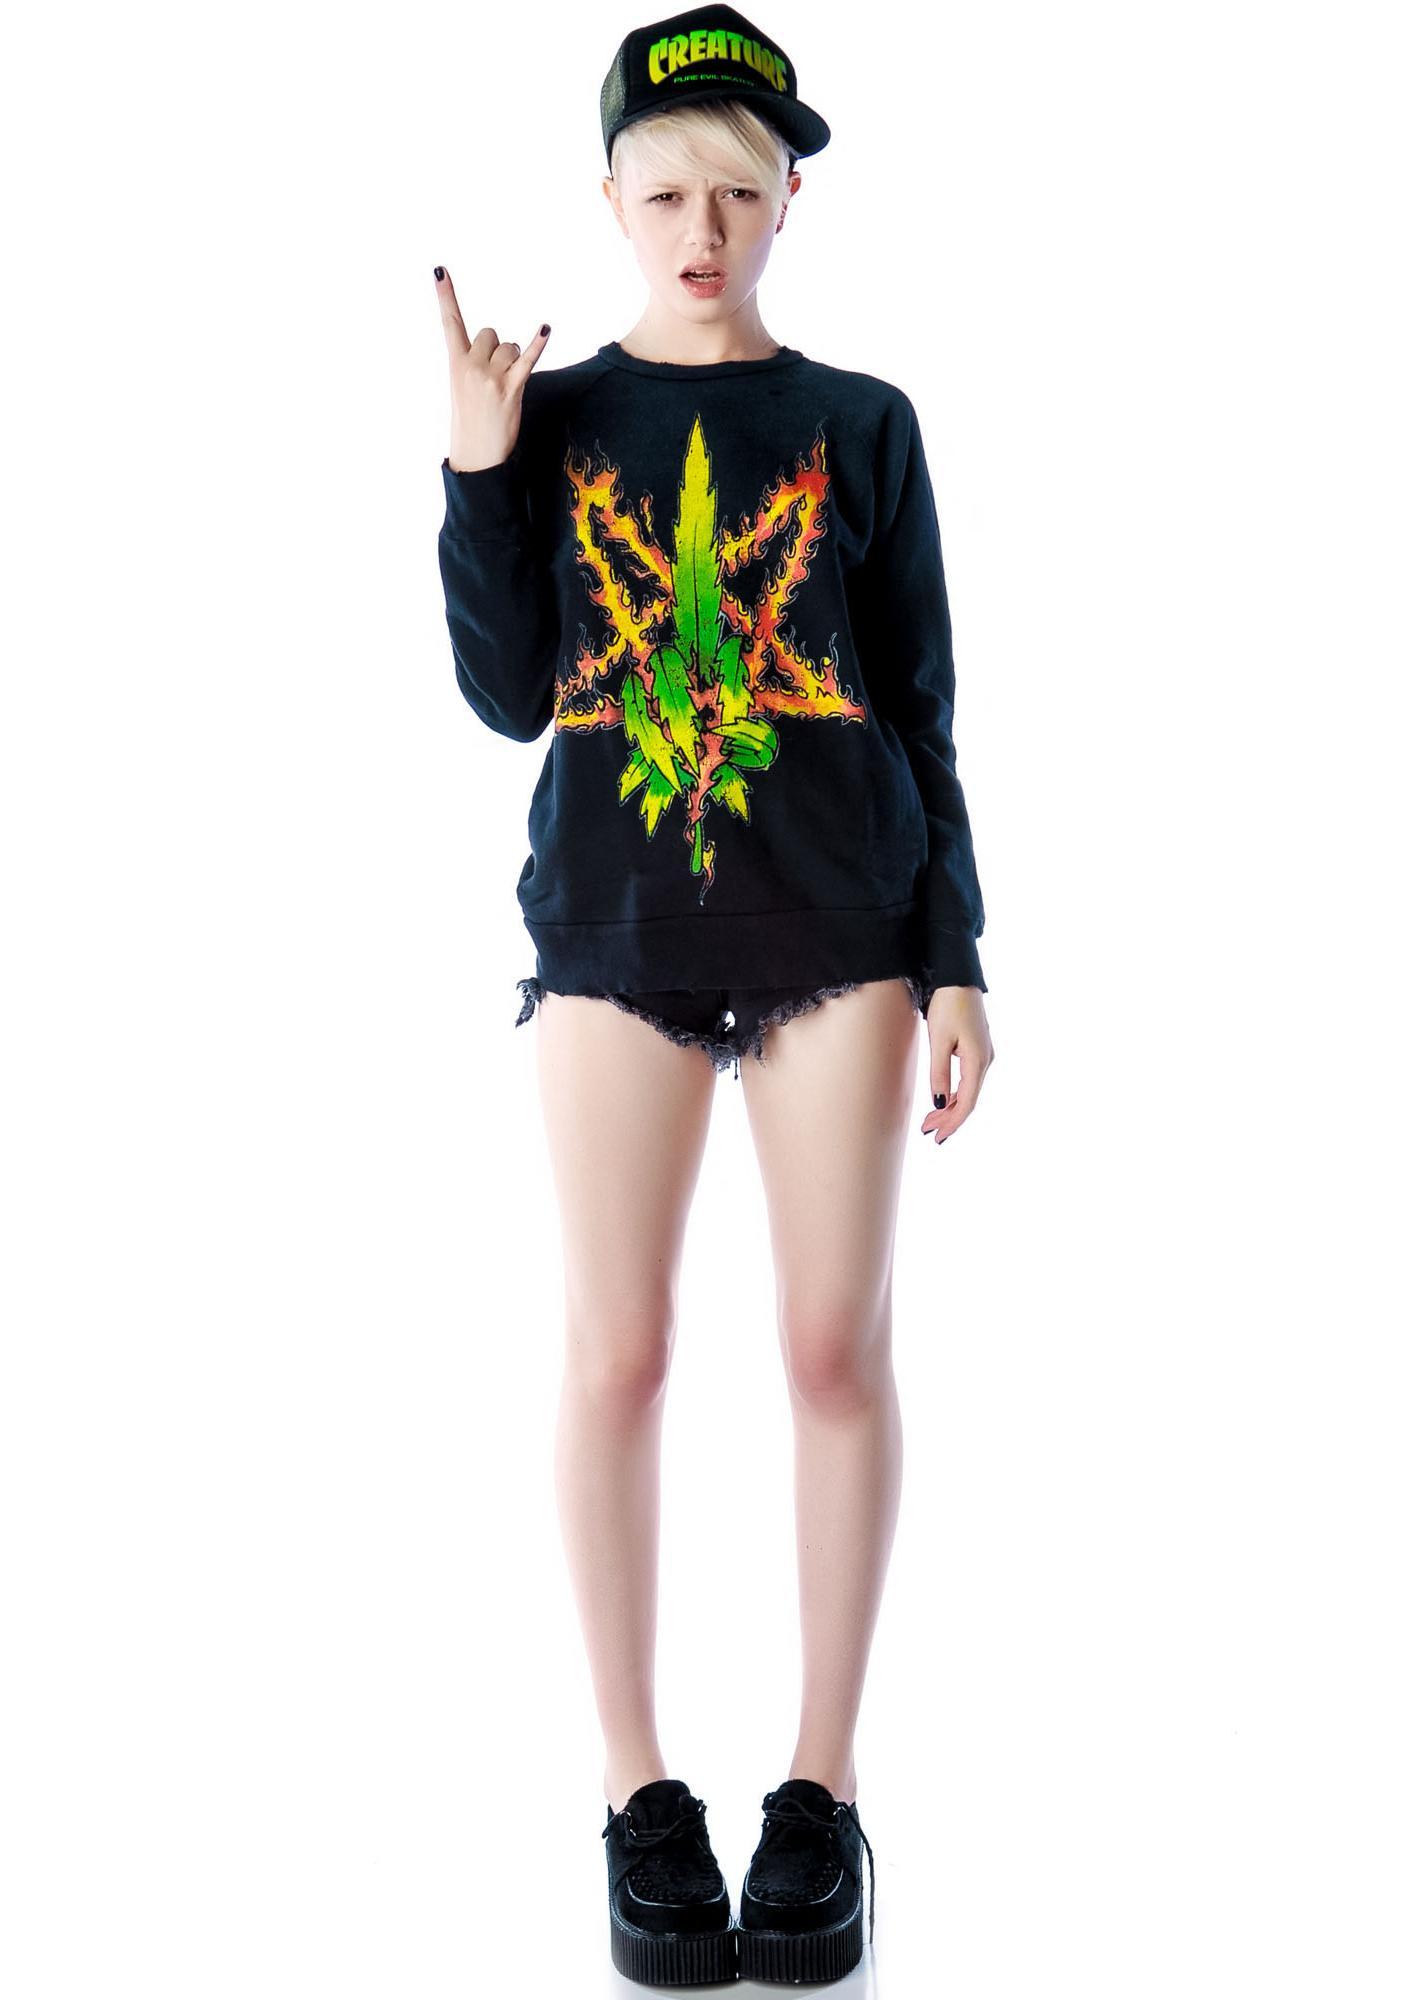 UNIF Burn Me Weed Sweatshirt